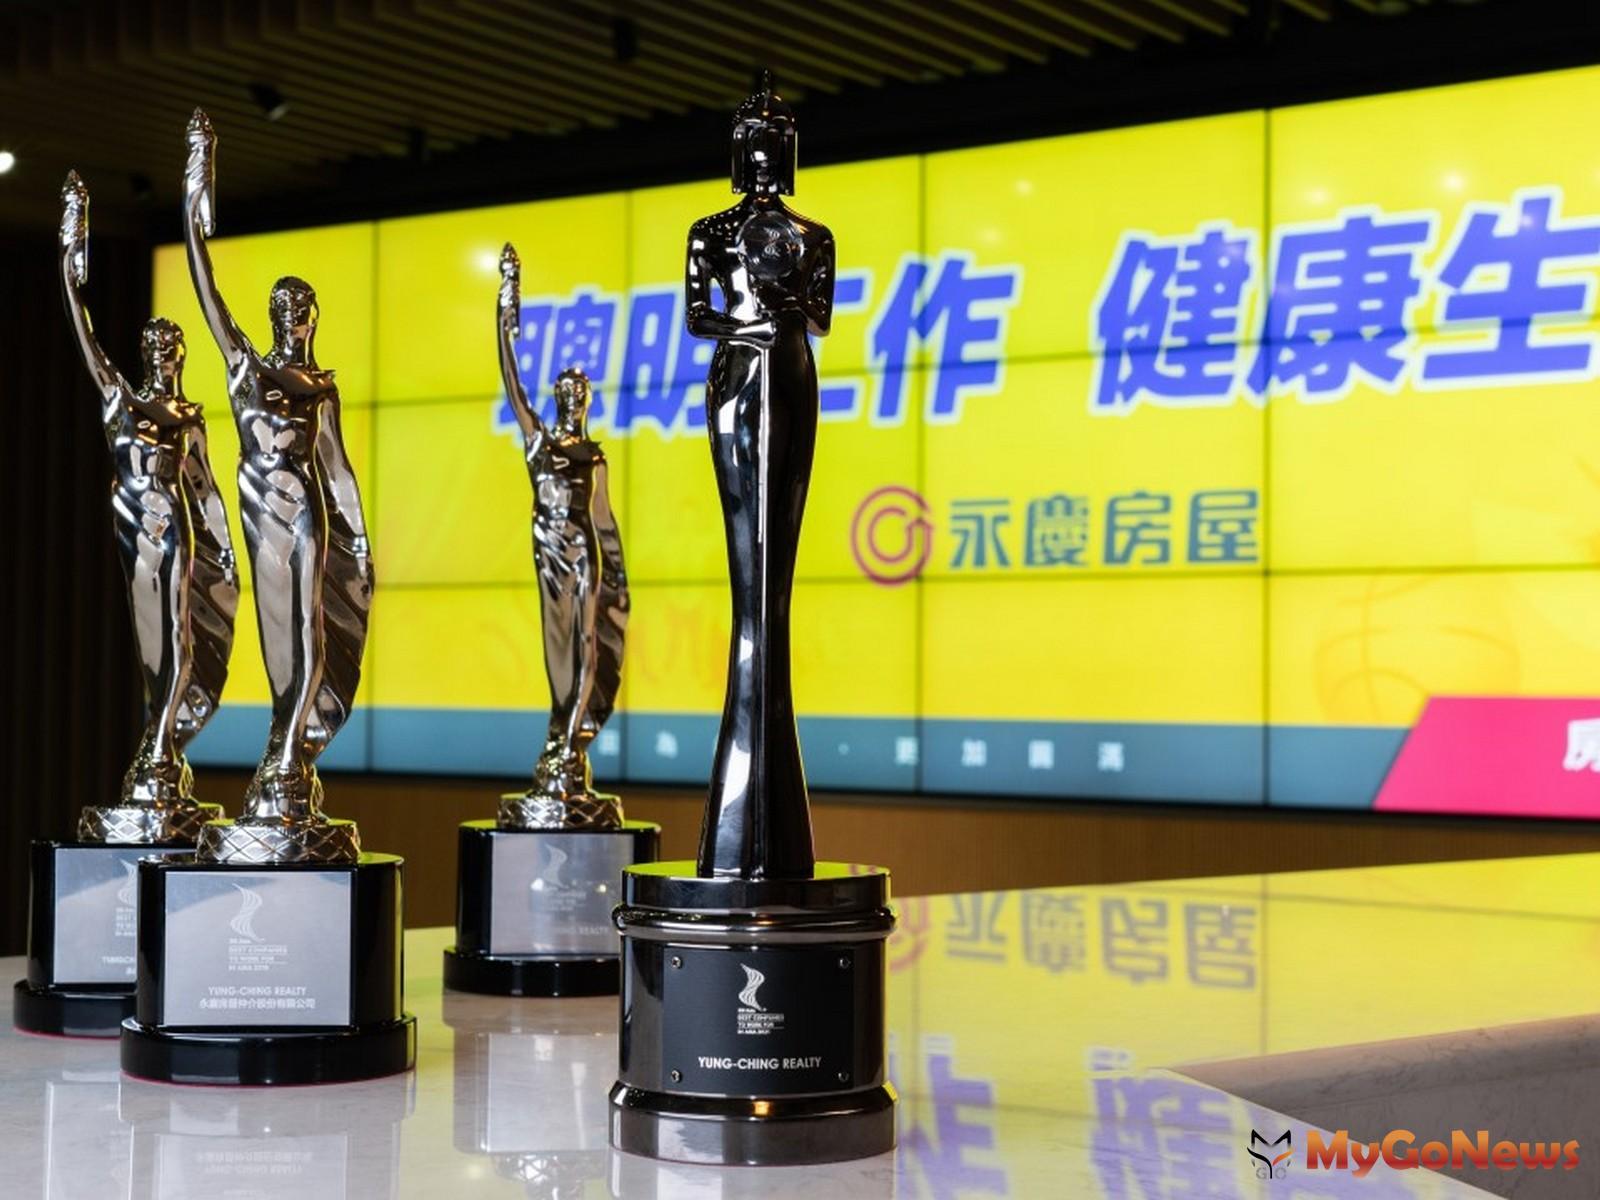 永慶房屋連續四年獲得亞洲最佳企業雇主獎,是房仲業唯一紀錄!(圖/永慶房屋) MyGoNews房地產新聞 市場快訊